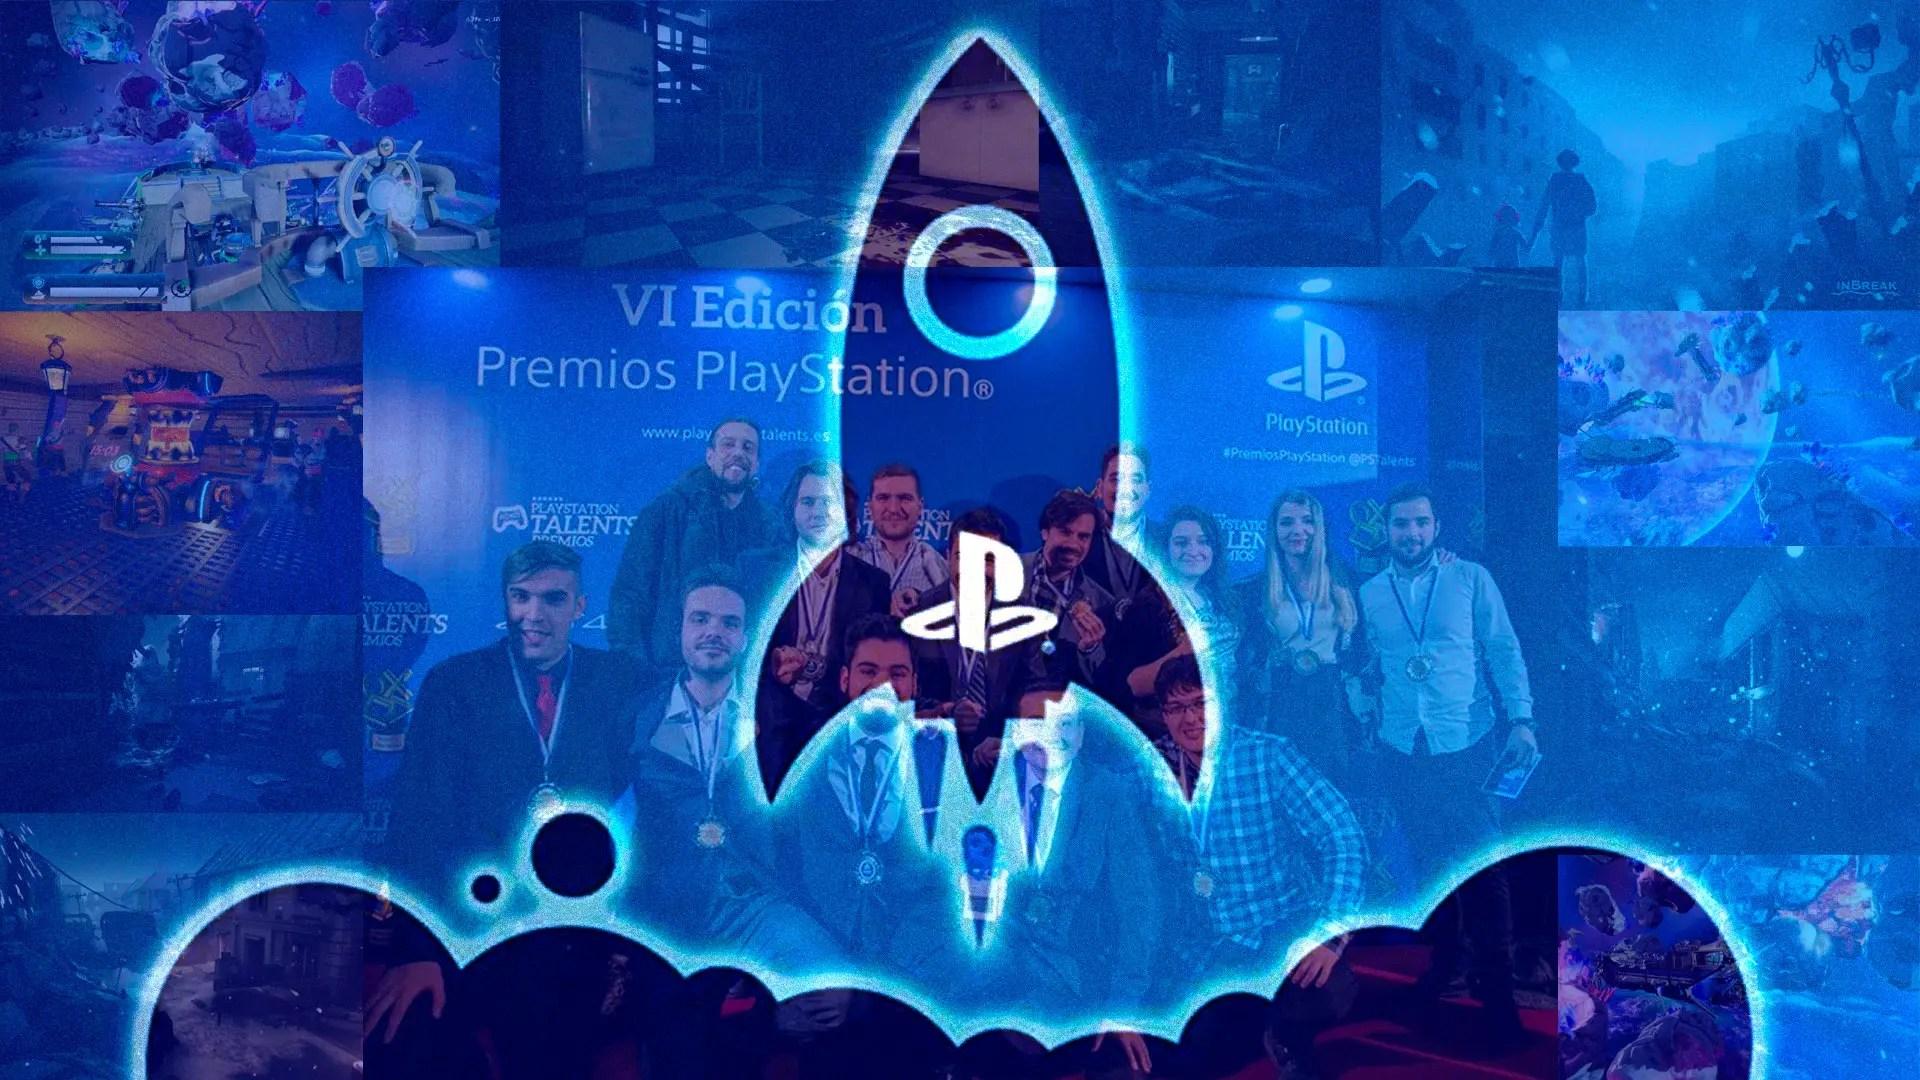 PlayStation Talents | Lo mejores creadores de videojuegos indie